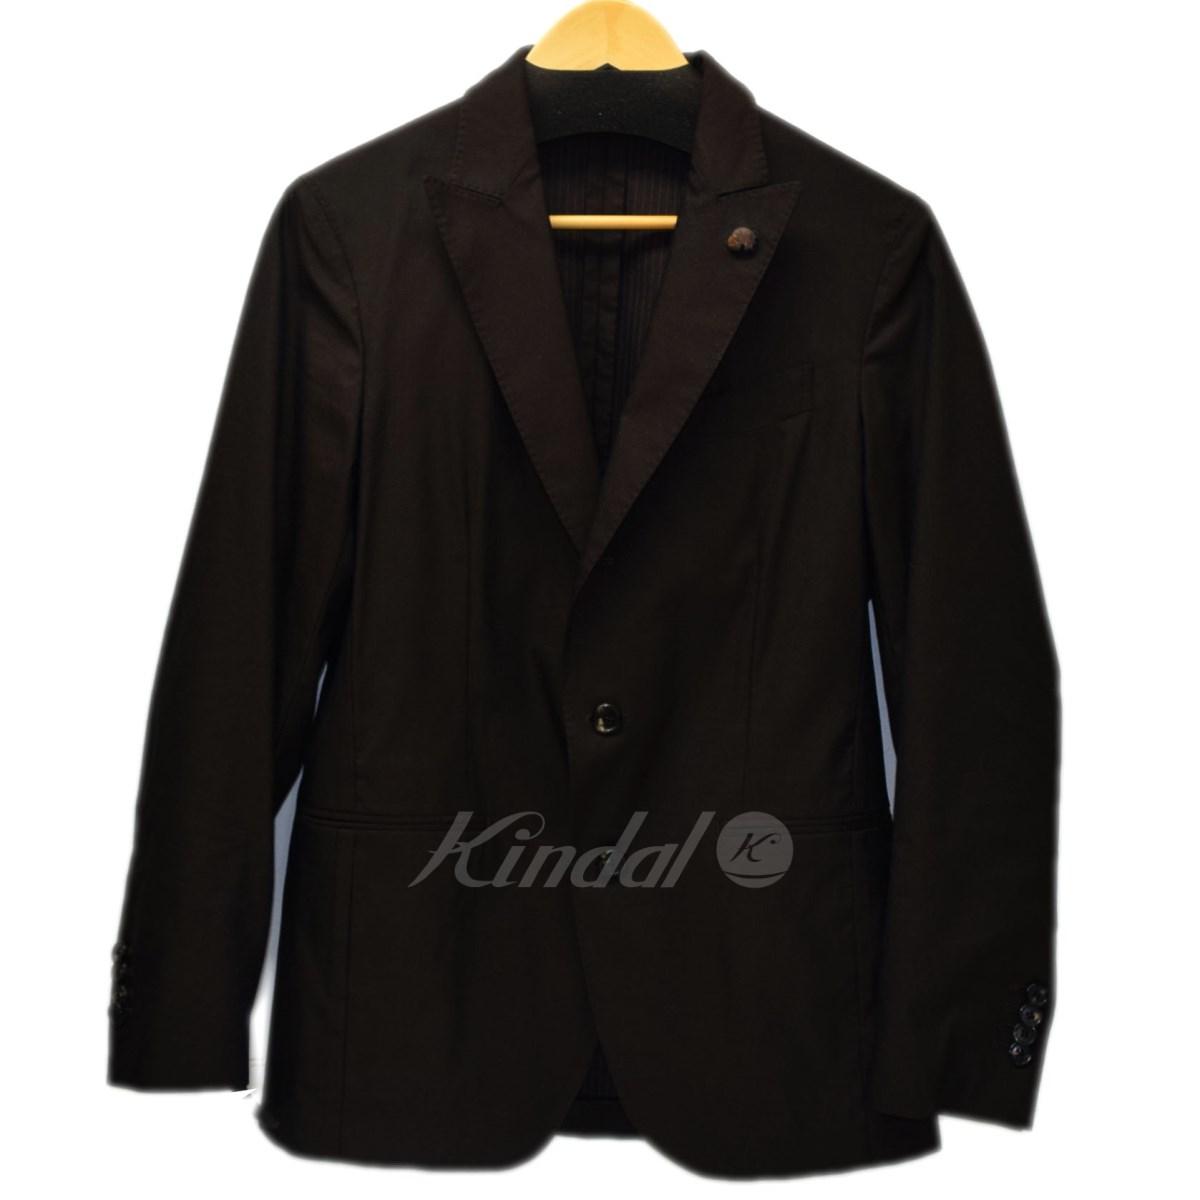 【中古】GABRIELE PASINI 3ピース セットアップスーツ ブラウン サイズ:44/44/44 【送料無料】 【210918】(ガブリエレパジーニ)